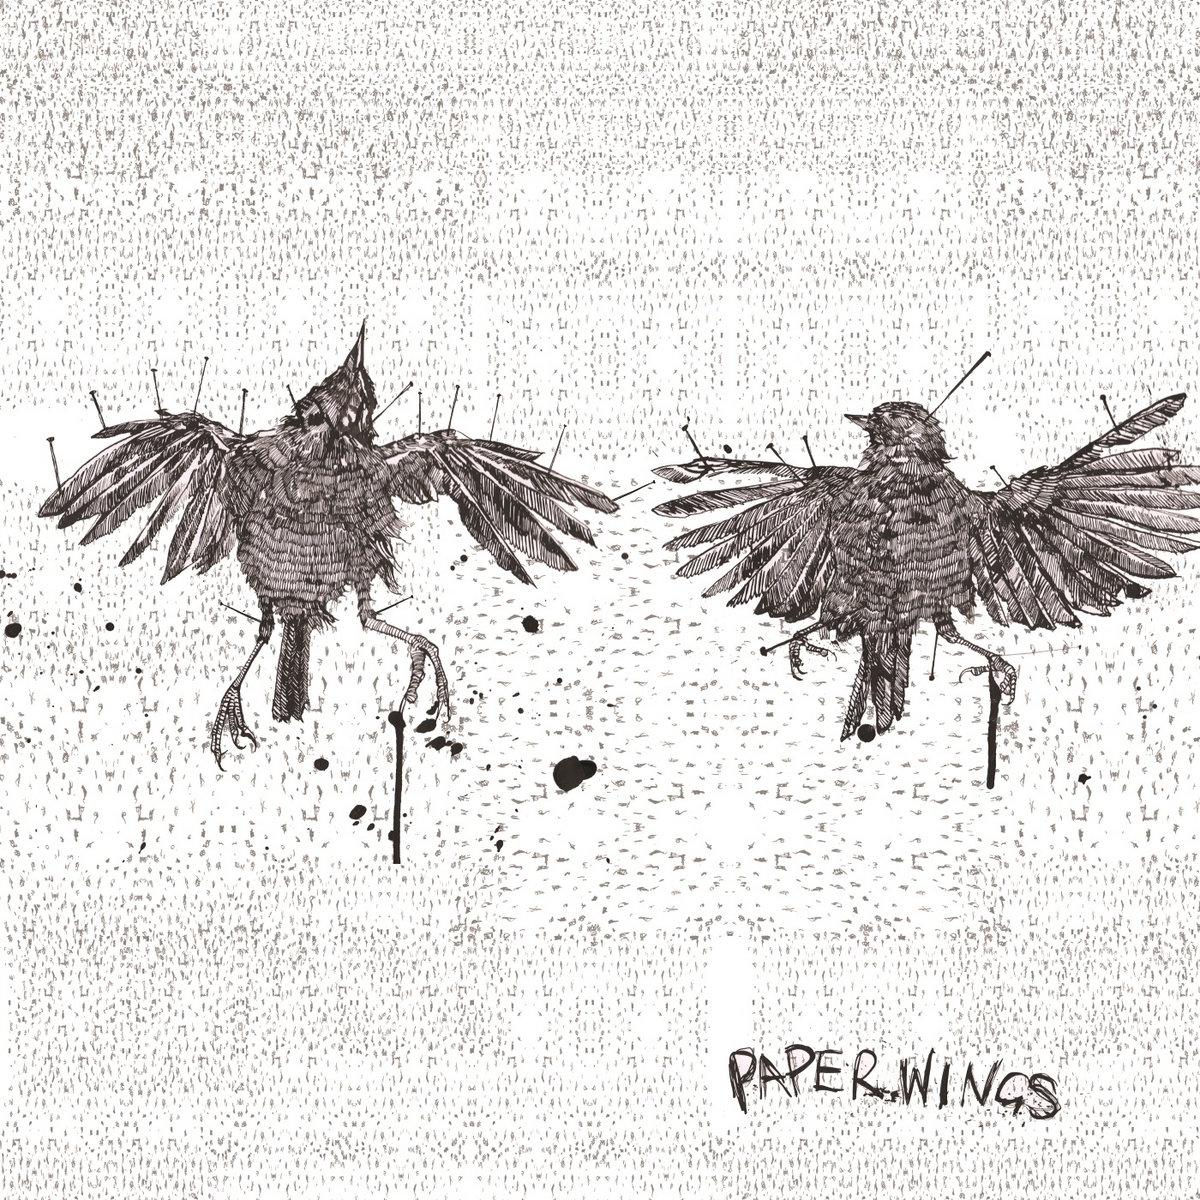 Paper Wings - Paper Wings [EP] (2017)